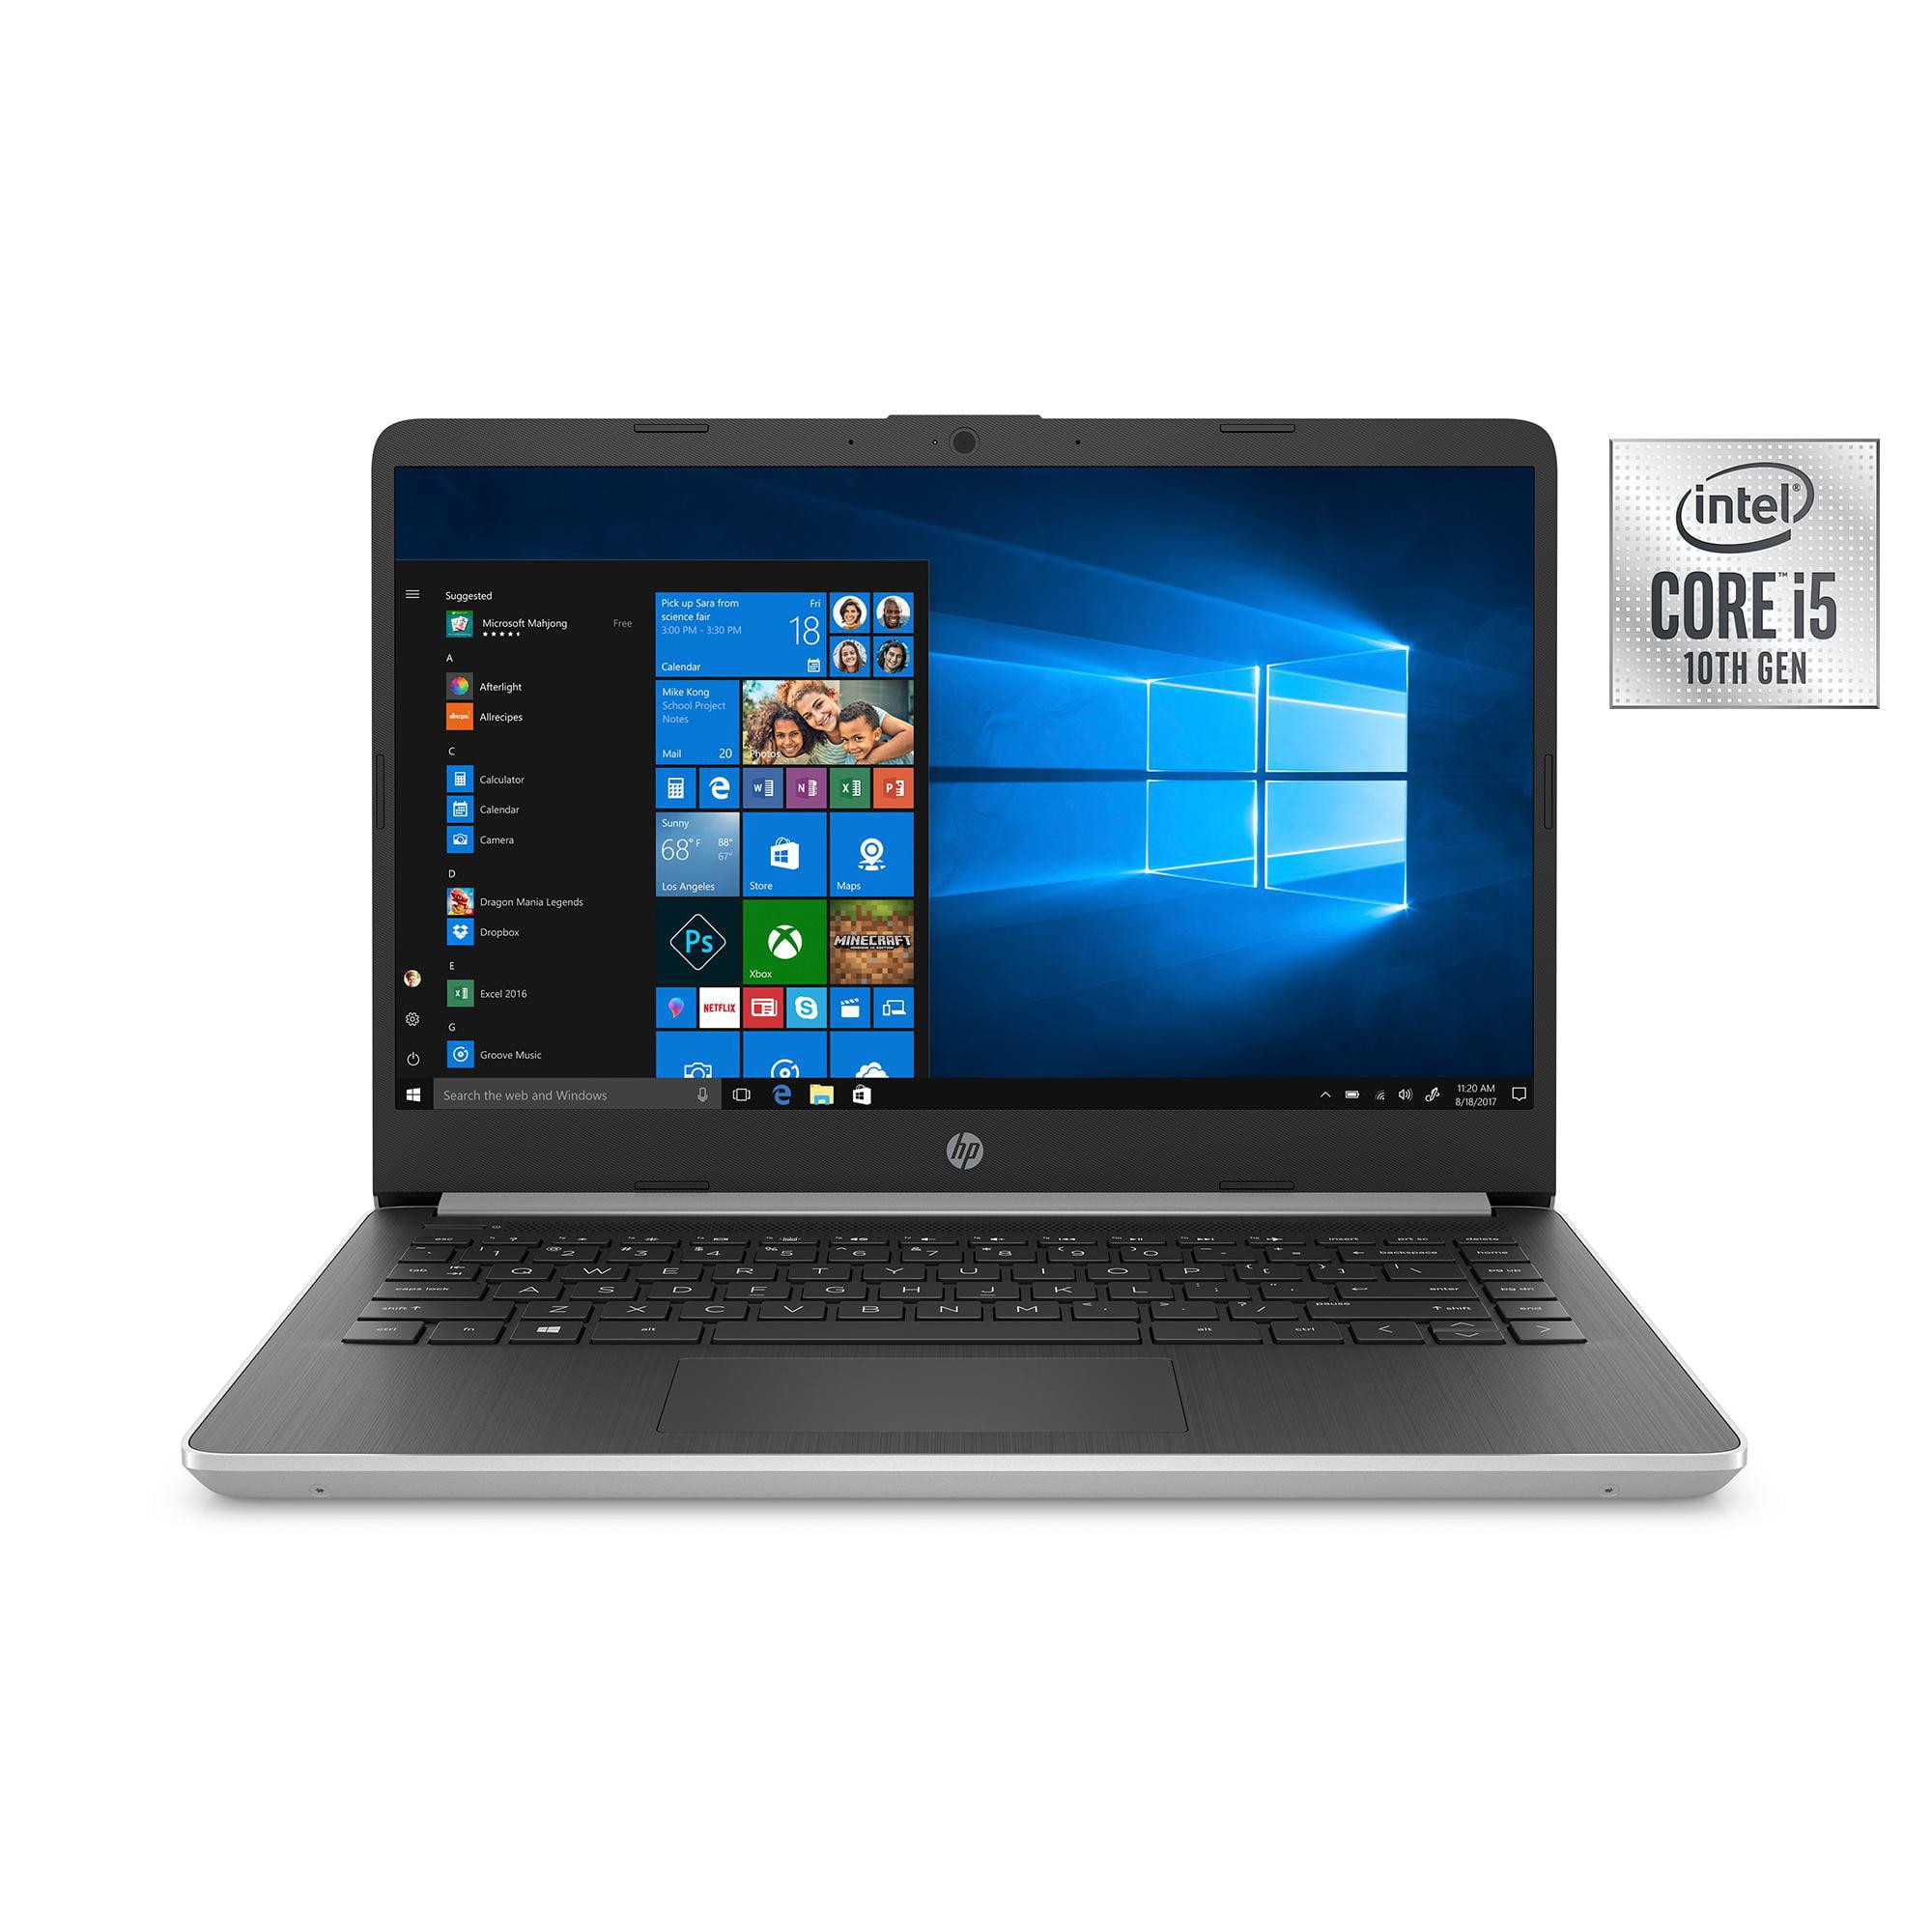 Hp 14 Laptop Intel Core I5 1035g1 8gb Sdram 256gb Ssd 16gb Intel Optane Memory Natural Silver 14 Dq1039wm Walmart Com Walmart Com